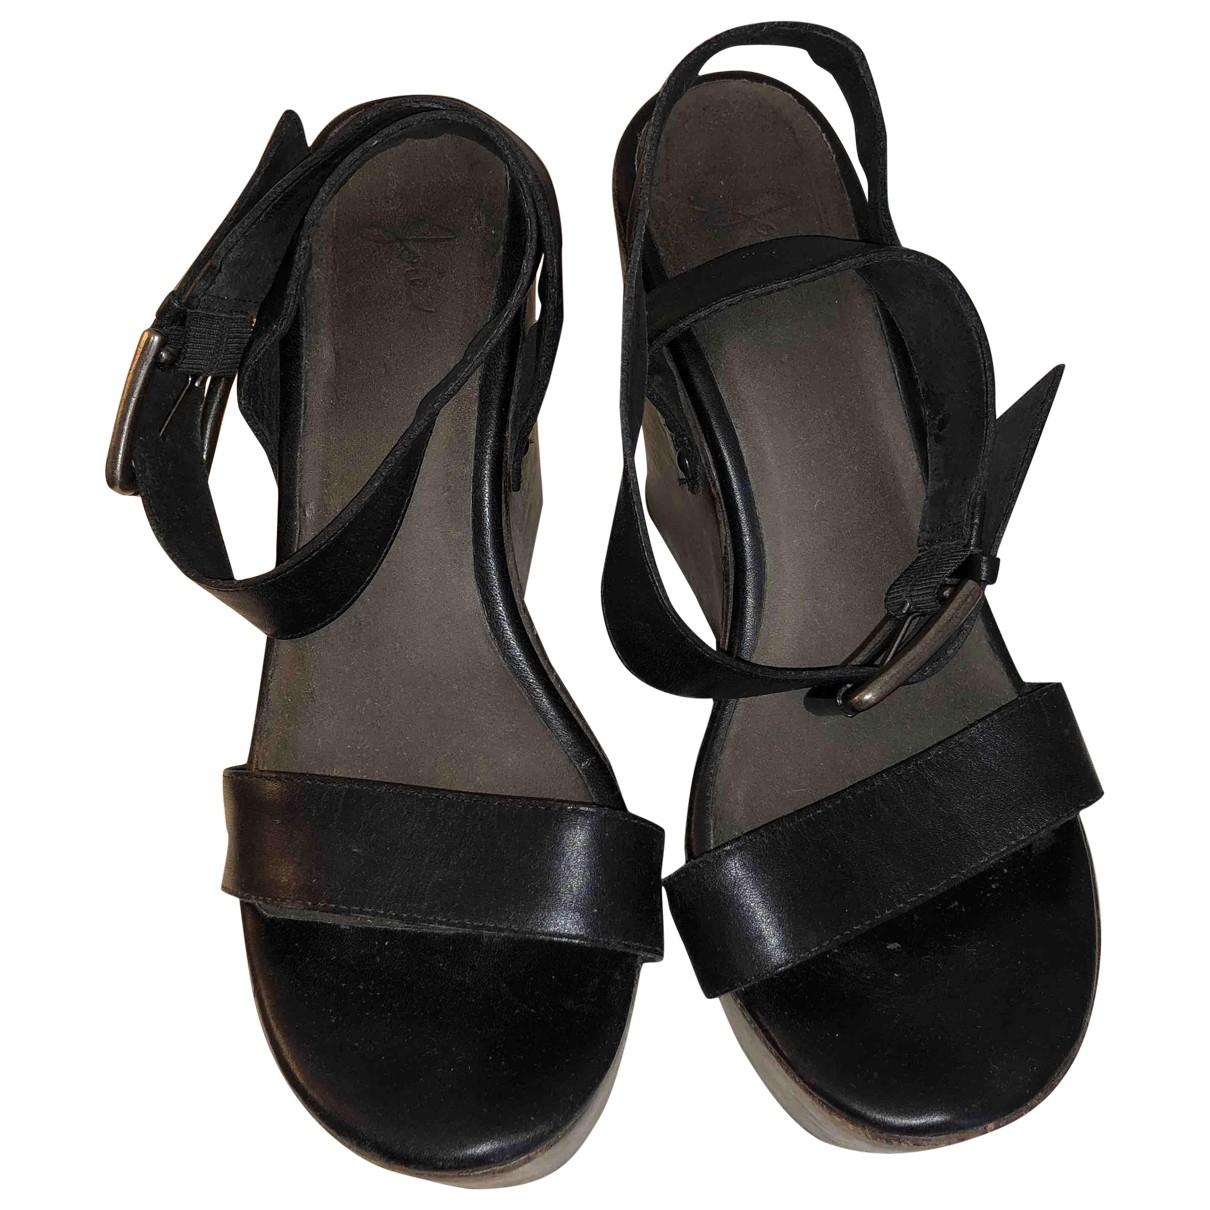 Joie - Escarpins   pour femme en cuir - noir